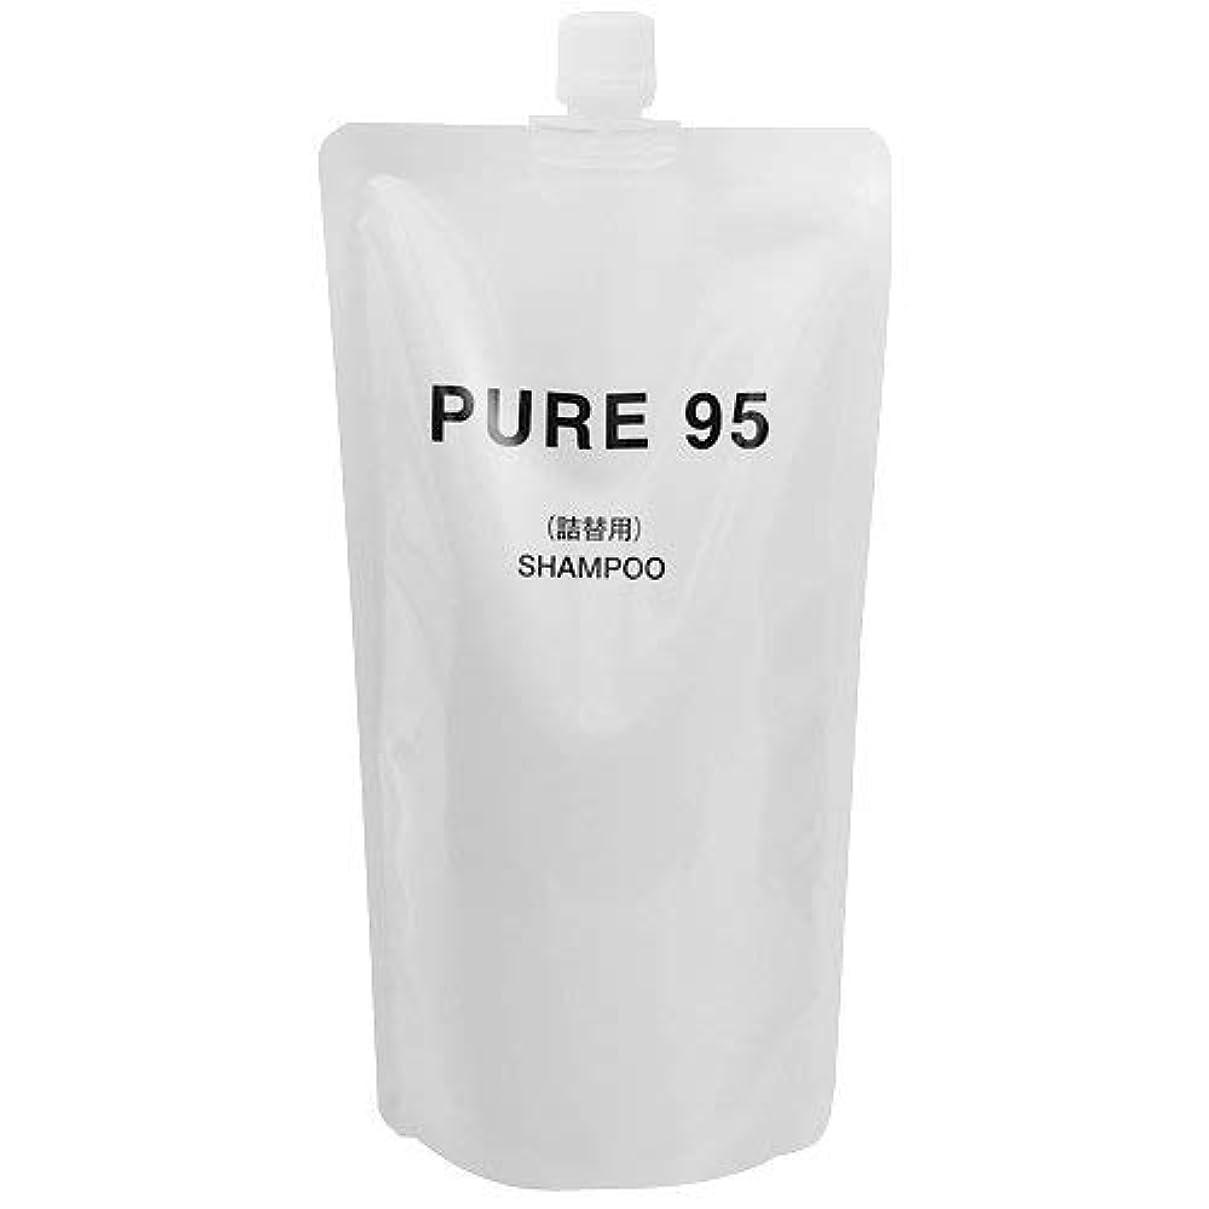 サポート分子排泄するパーミングジャパン PURE95 シャンプー 700ml レフィル